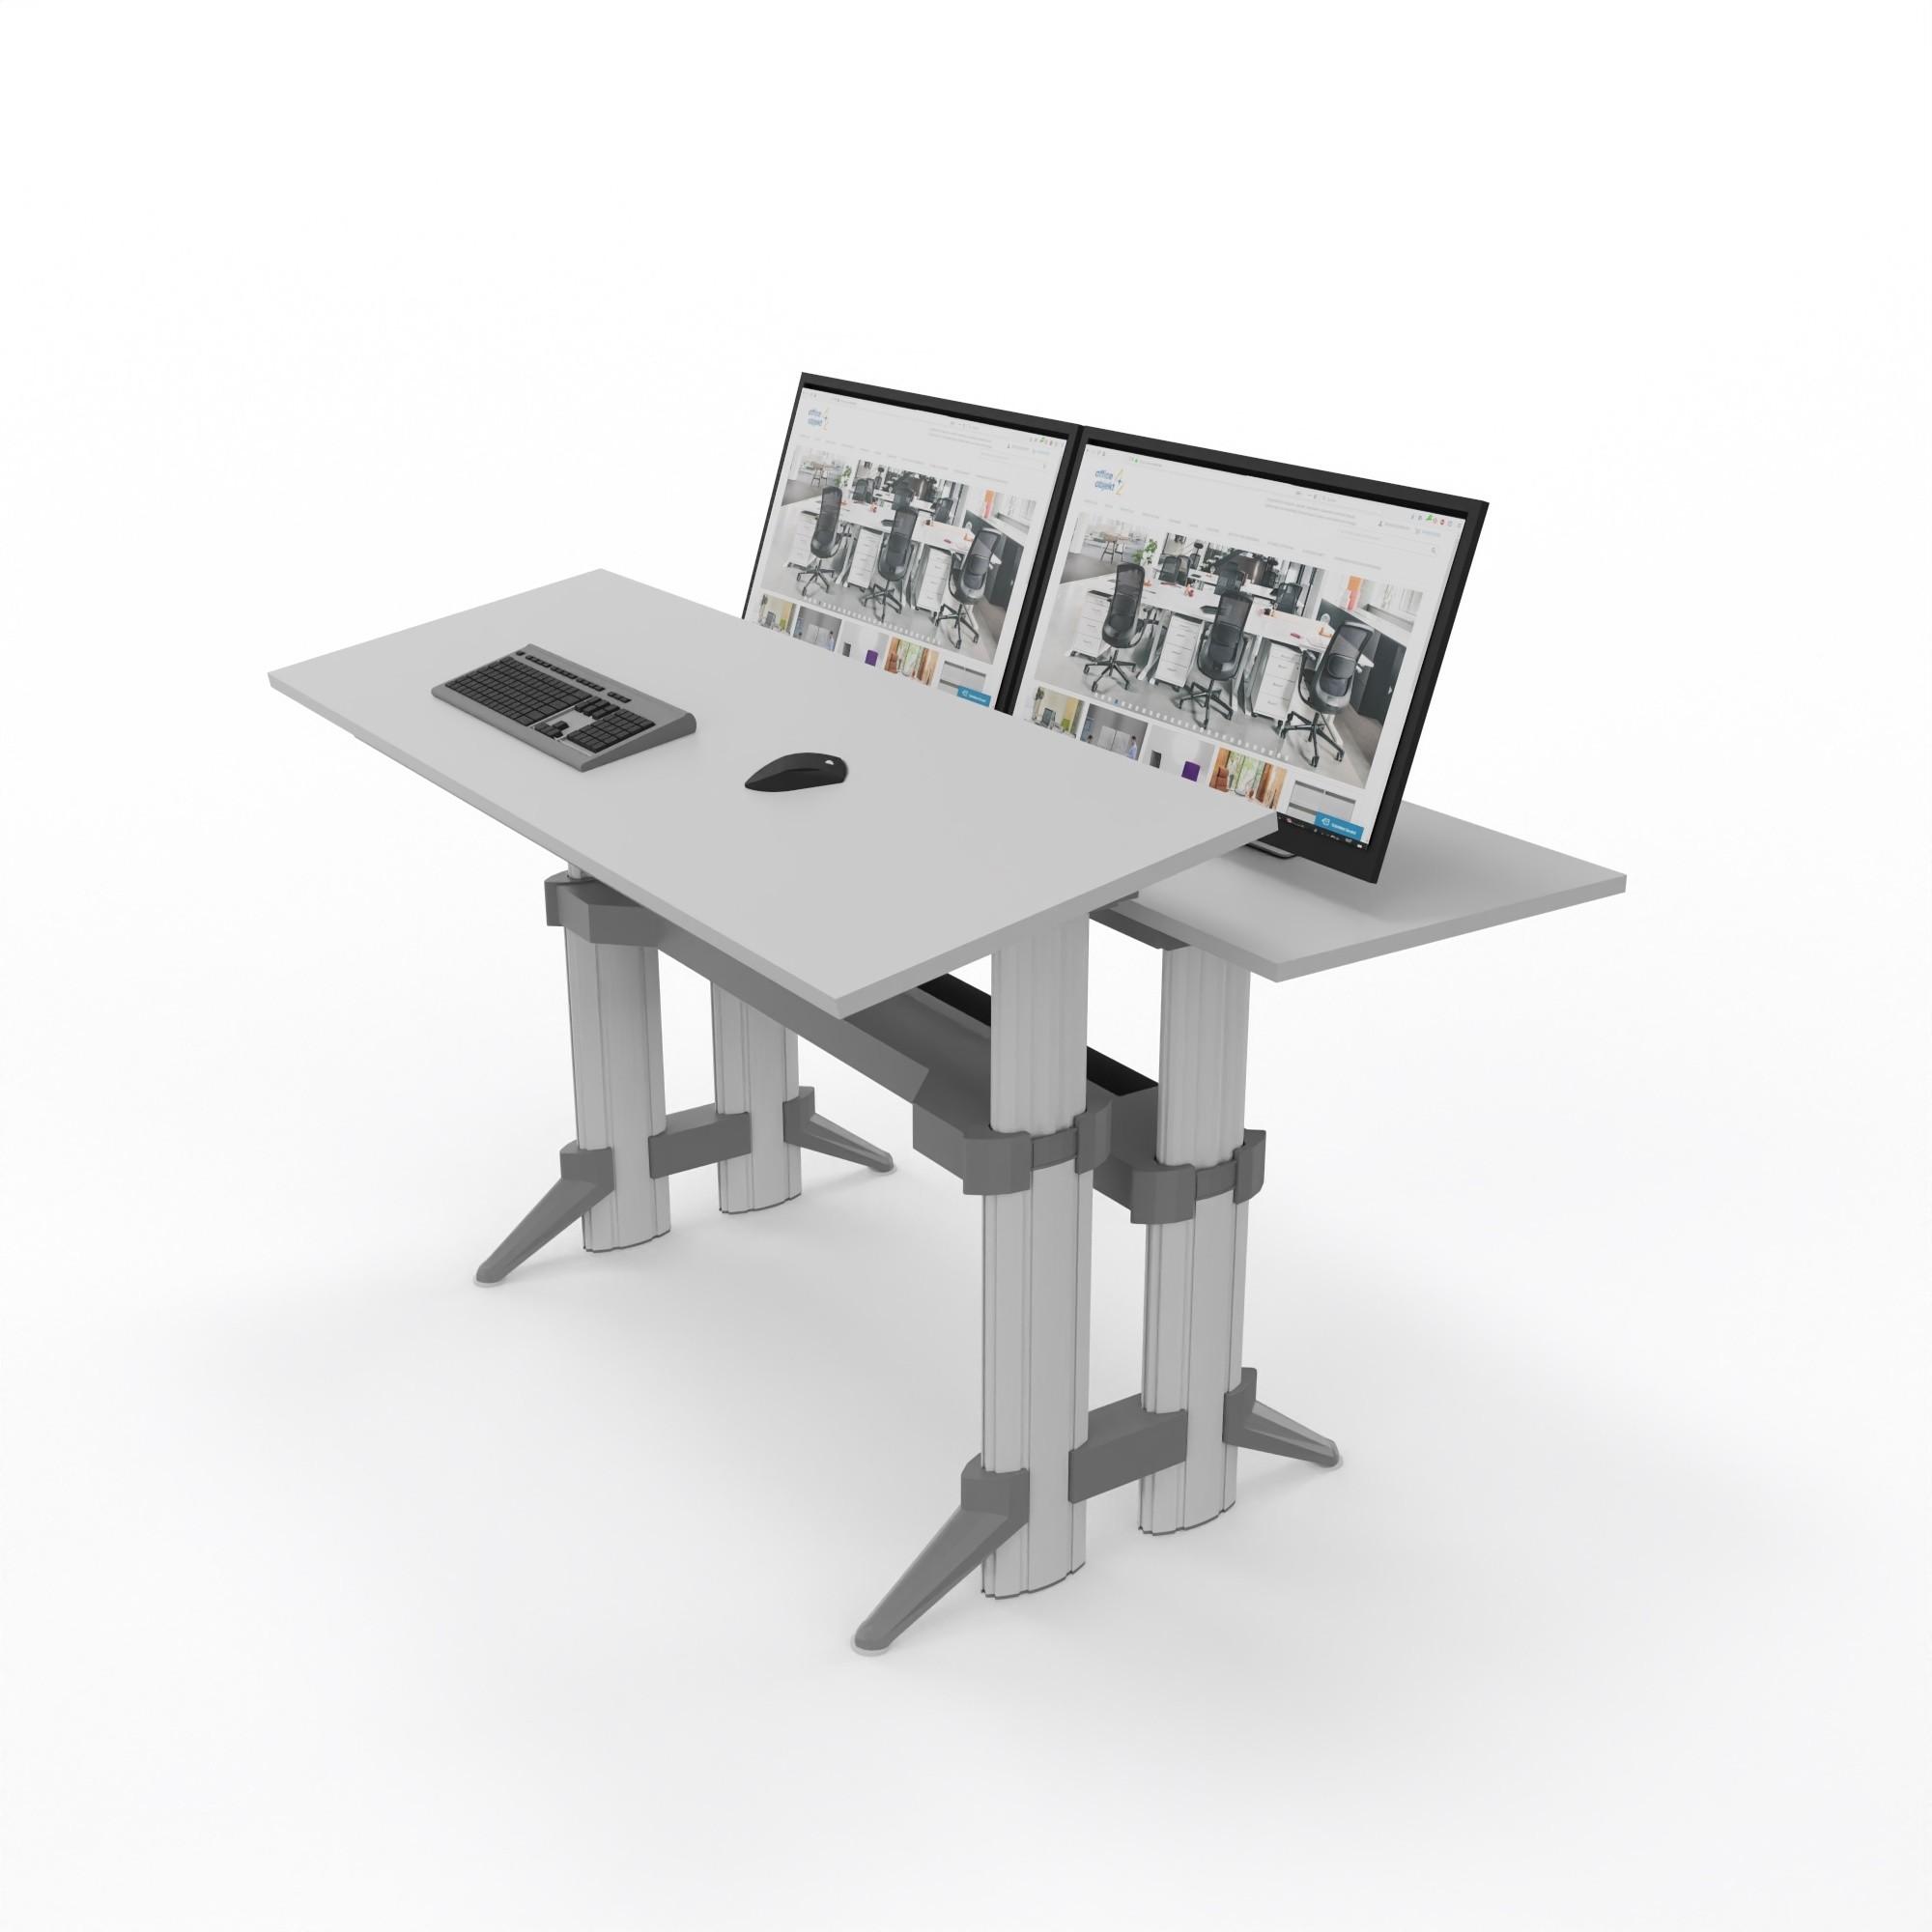 """Leuwico """"Go2"""" rechteckige CAD-Tische, höhenverstellbar (Steh/Sitz)"""